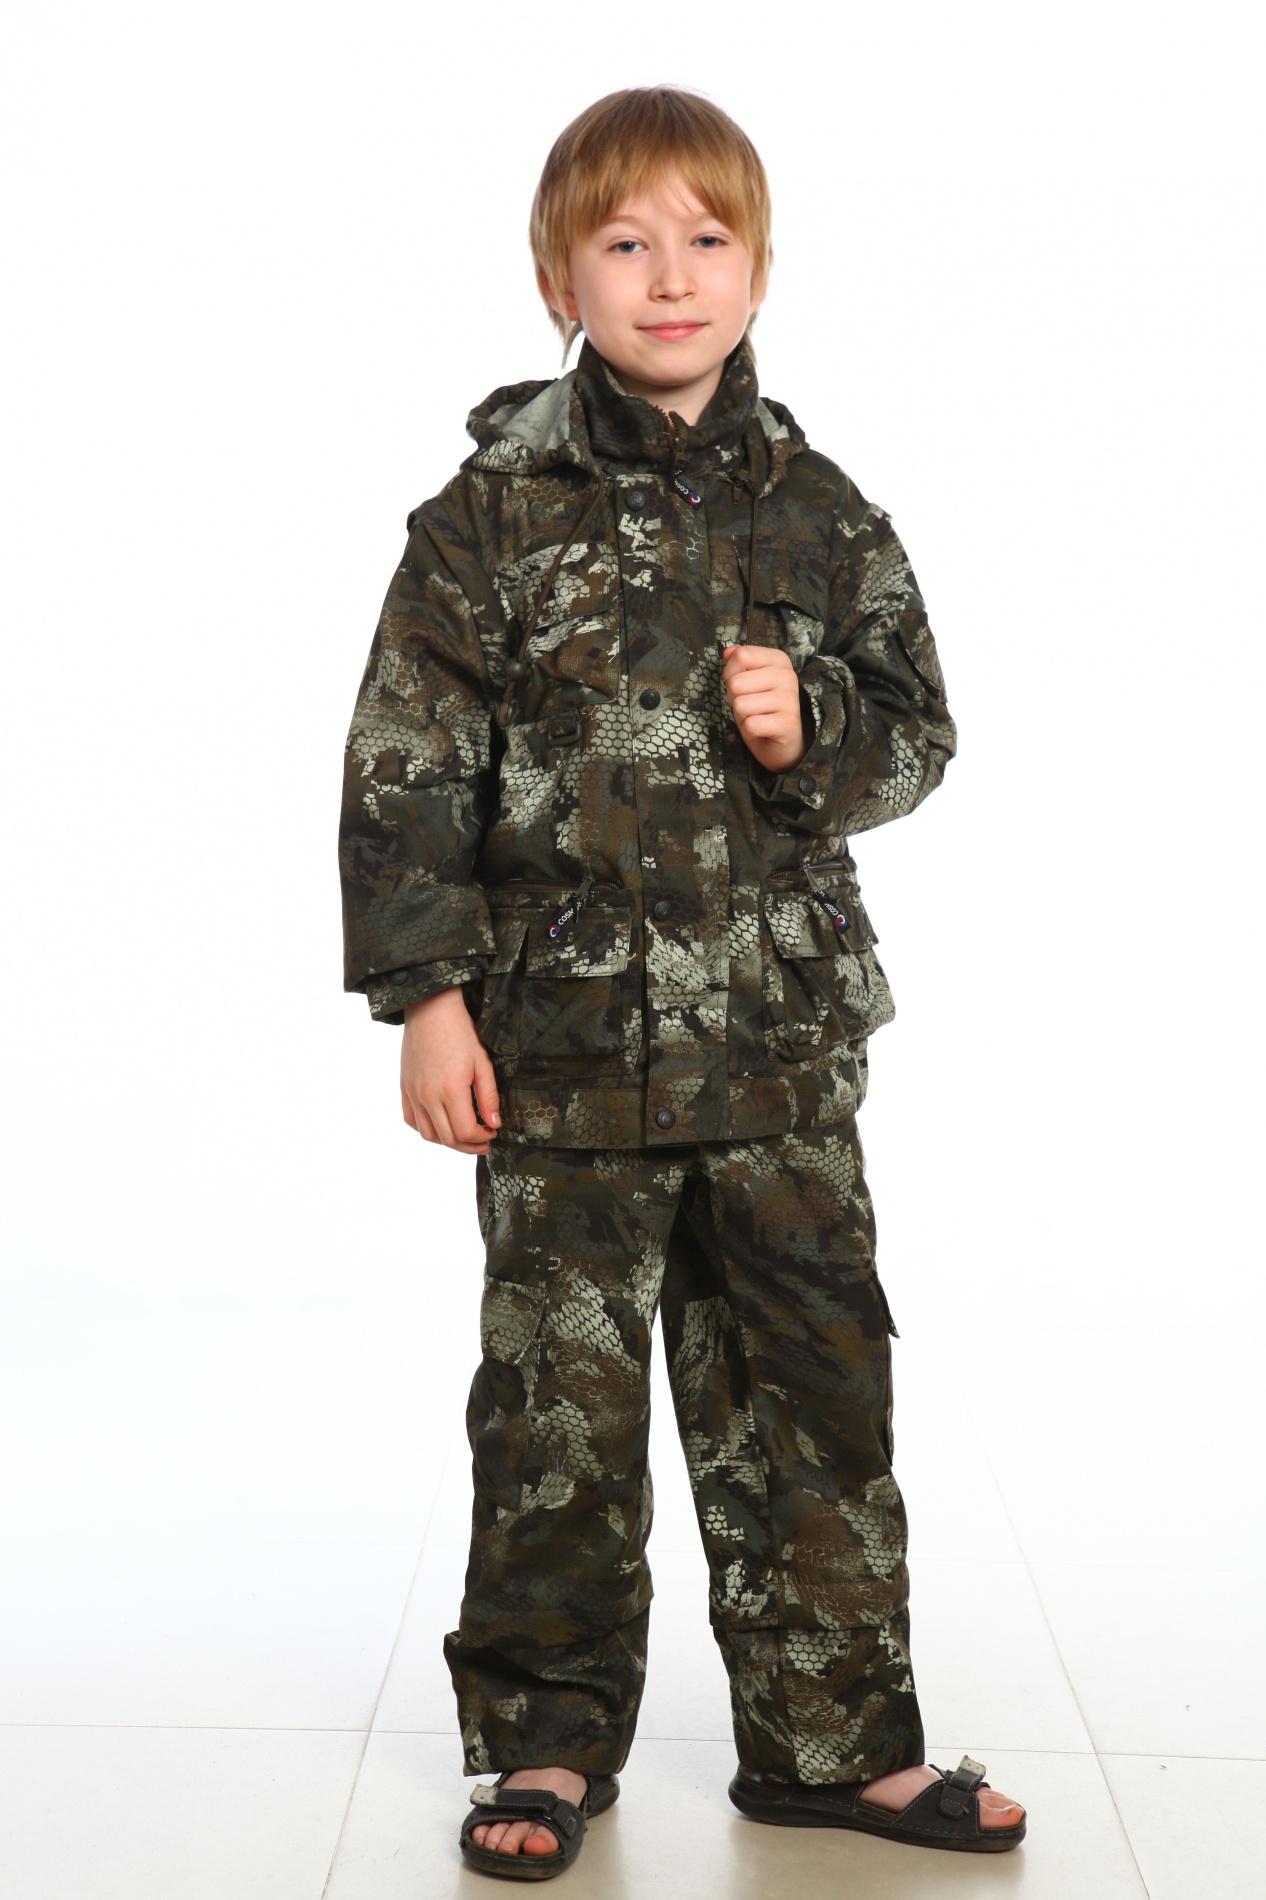 Костюм детский Трансформер (158)Костюмы неутепленные<br>Костюм летний без подкладки. Трансформер. <br>Куртка + брюки. Пристегивающийся на молнию <br>капюшон с регулировкой лицевой части резиновым <br>шнуром. Центральная застежка куртки на <br>молнию, закрытую ветрозащитной планкой <br>на кнопках. Рукава куртки пристегиваются <br>на молнию. Застежка брюк на молнию. На брюках <br>пристегивающиеся на молнию нижние части. <br>Низ брюк - с регулировкой по ширине резиновым <br>шнуром. Количество карманов - 17. Ткань - Твилл <br>Пич Состав - 65% х/б, 35% п/э Плотность - 210гр./кв.м.<br><br>Пол: мужской<br>Рост: 158<br>Сезон: лето